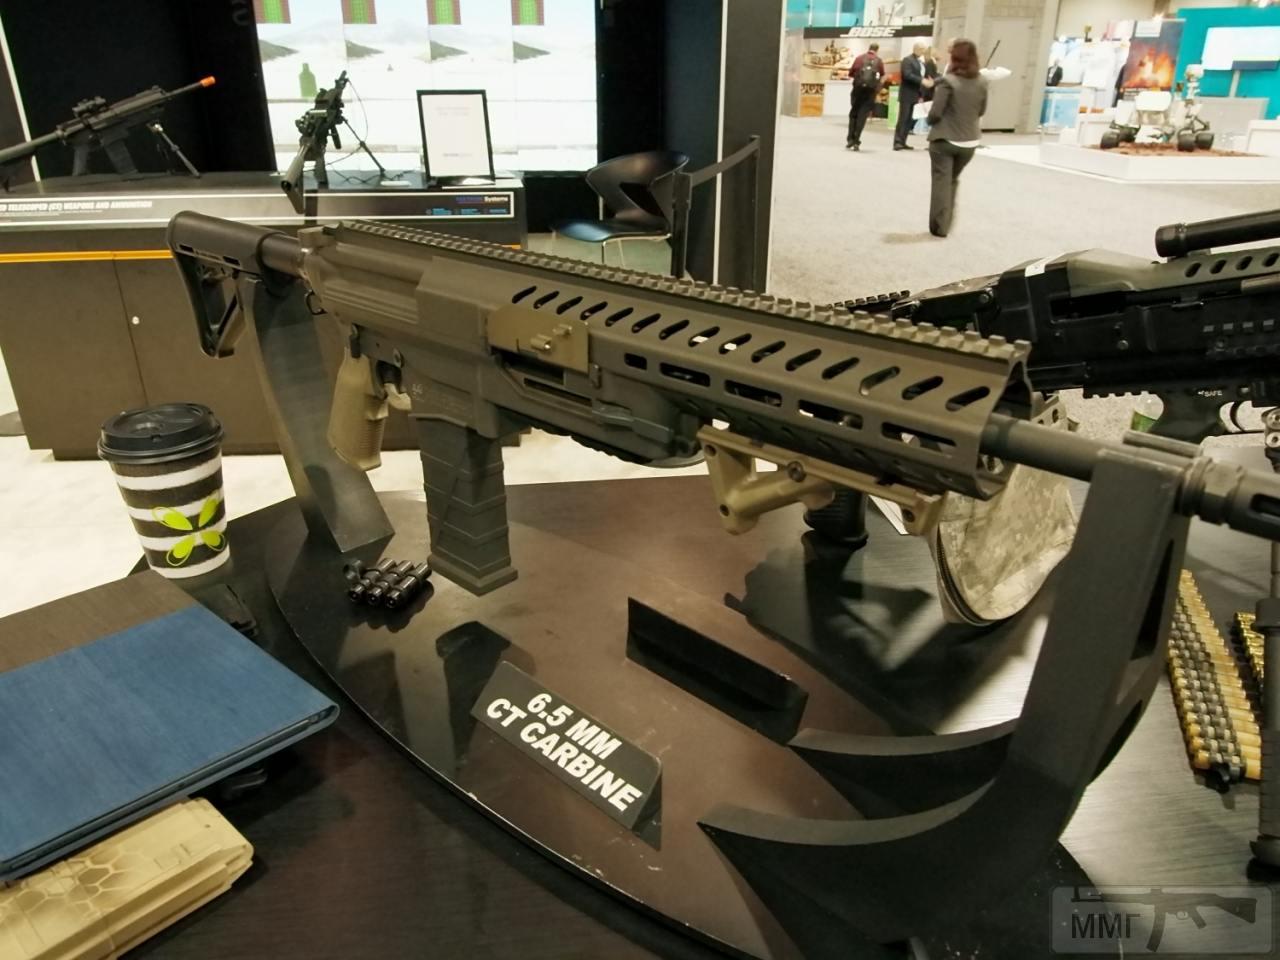 73911 - Стрелковое оружие ближайшего будущего...